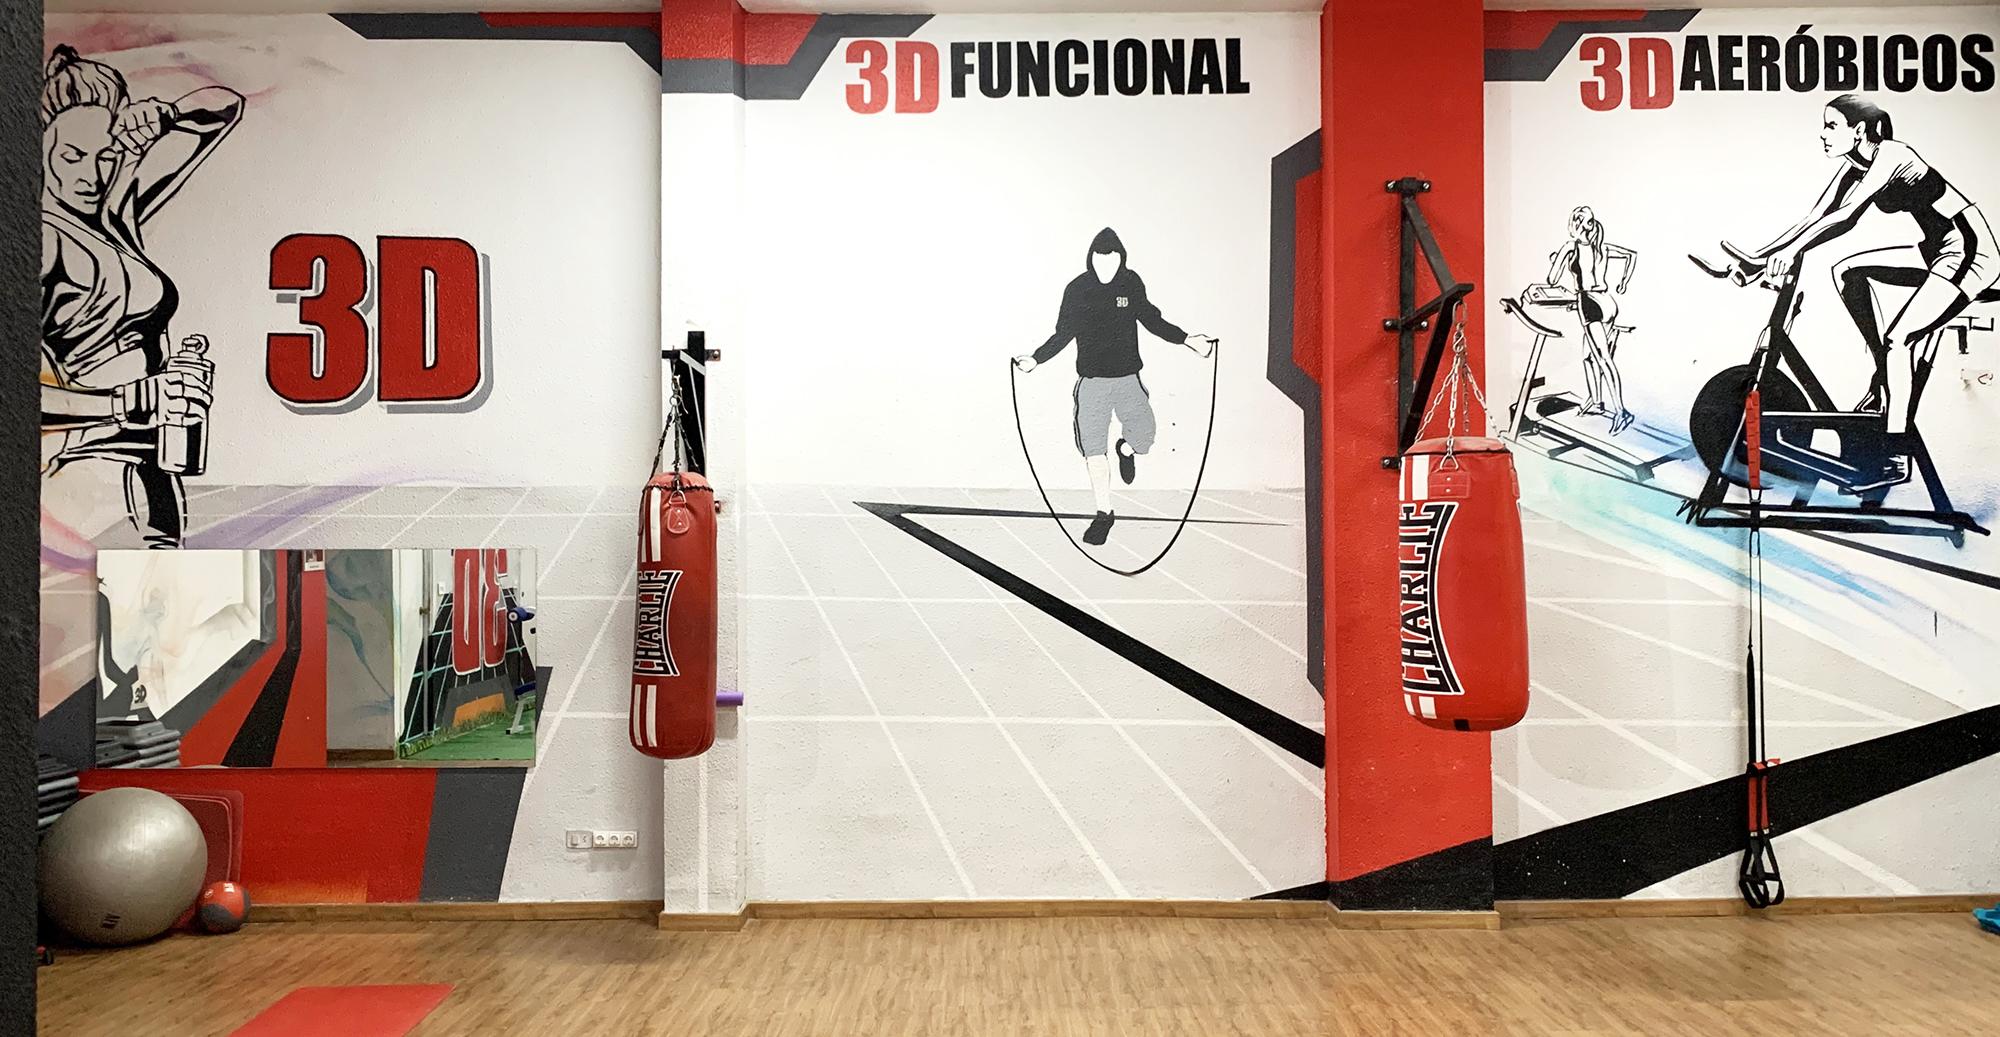 instalaciones-gym-3d valencia-03